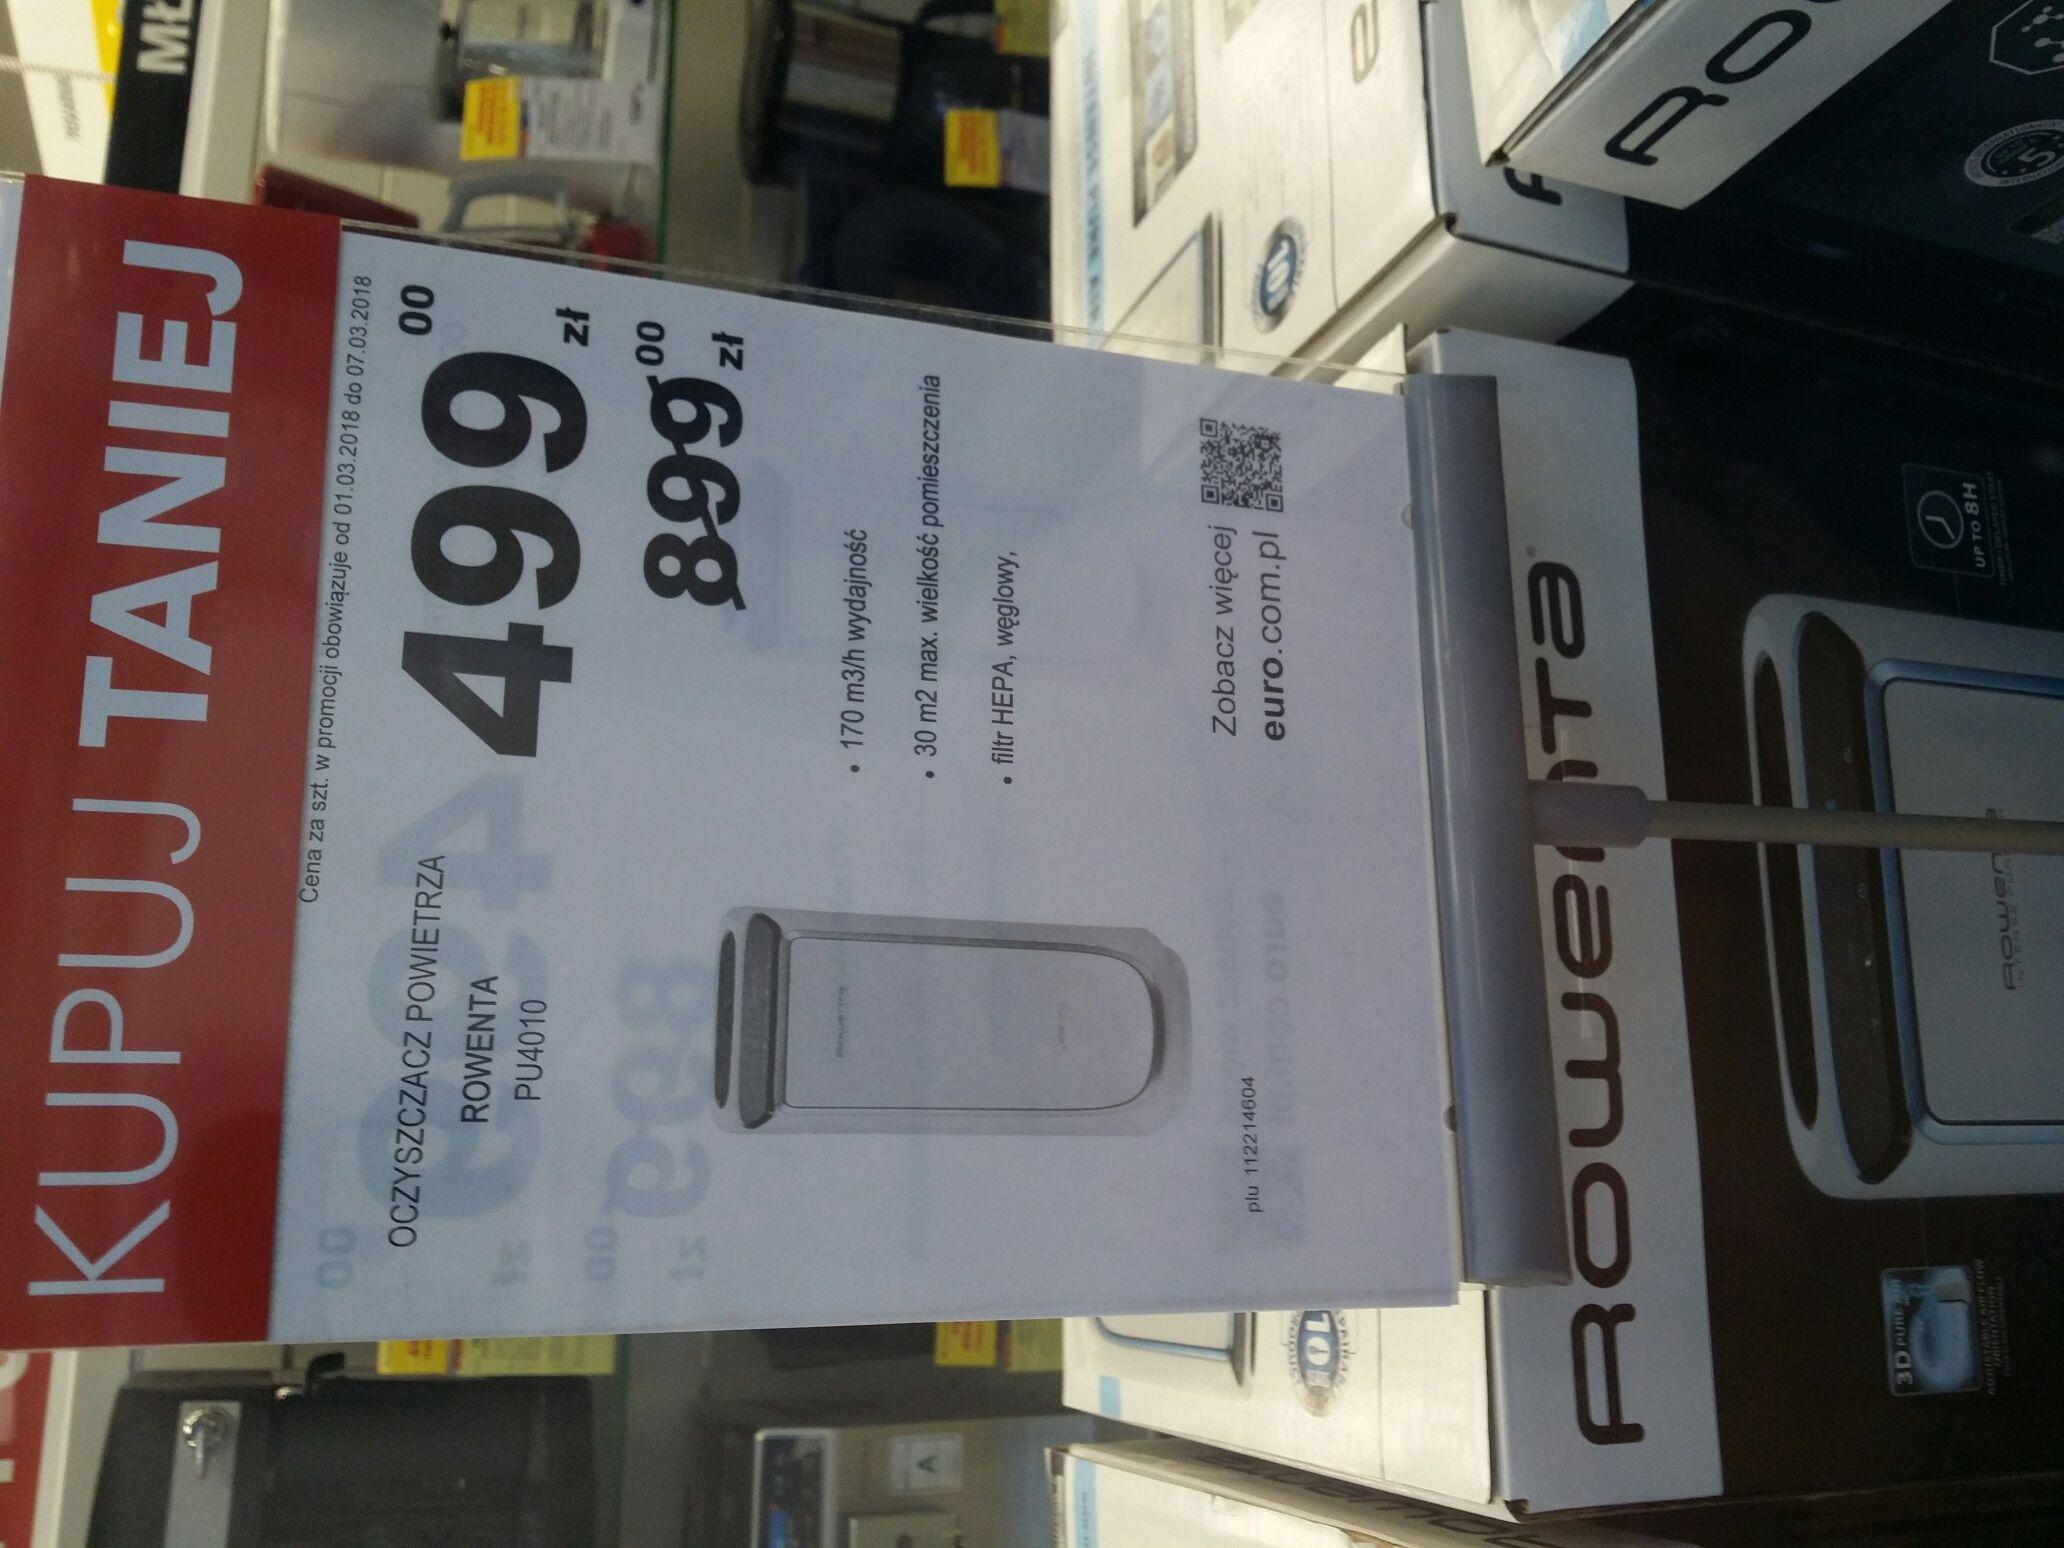 Oczyszczacz powietrza Rowenta PU4010 w Euro Rtv Agd Zawiercie centrum handlowe.